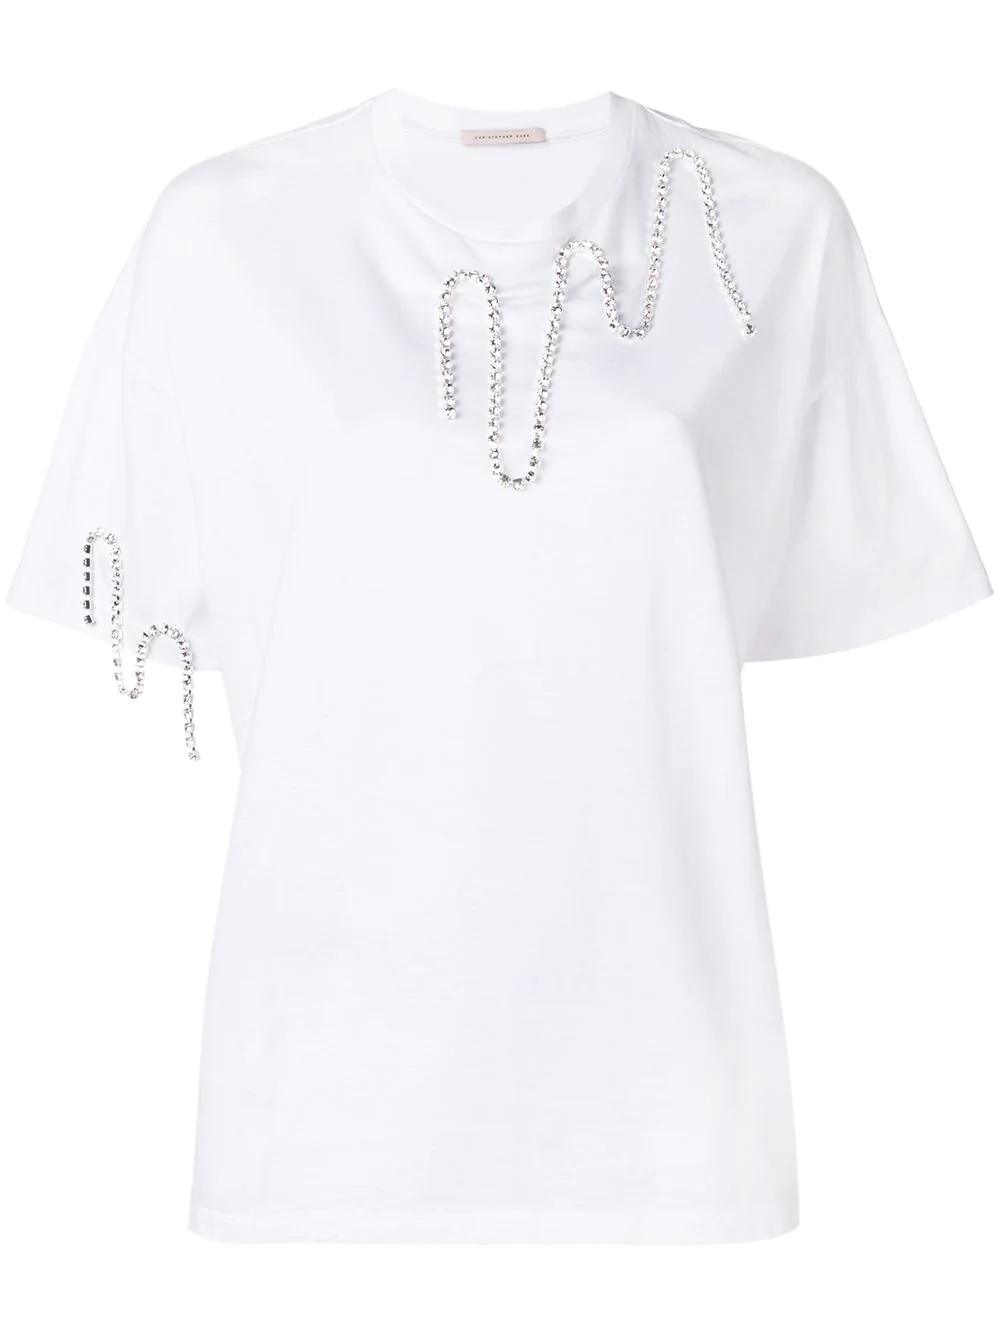 CHRISTOPHER KANE | декорированная футболка | Clouty